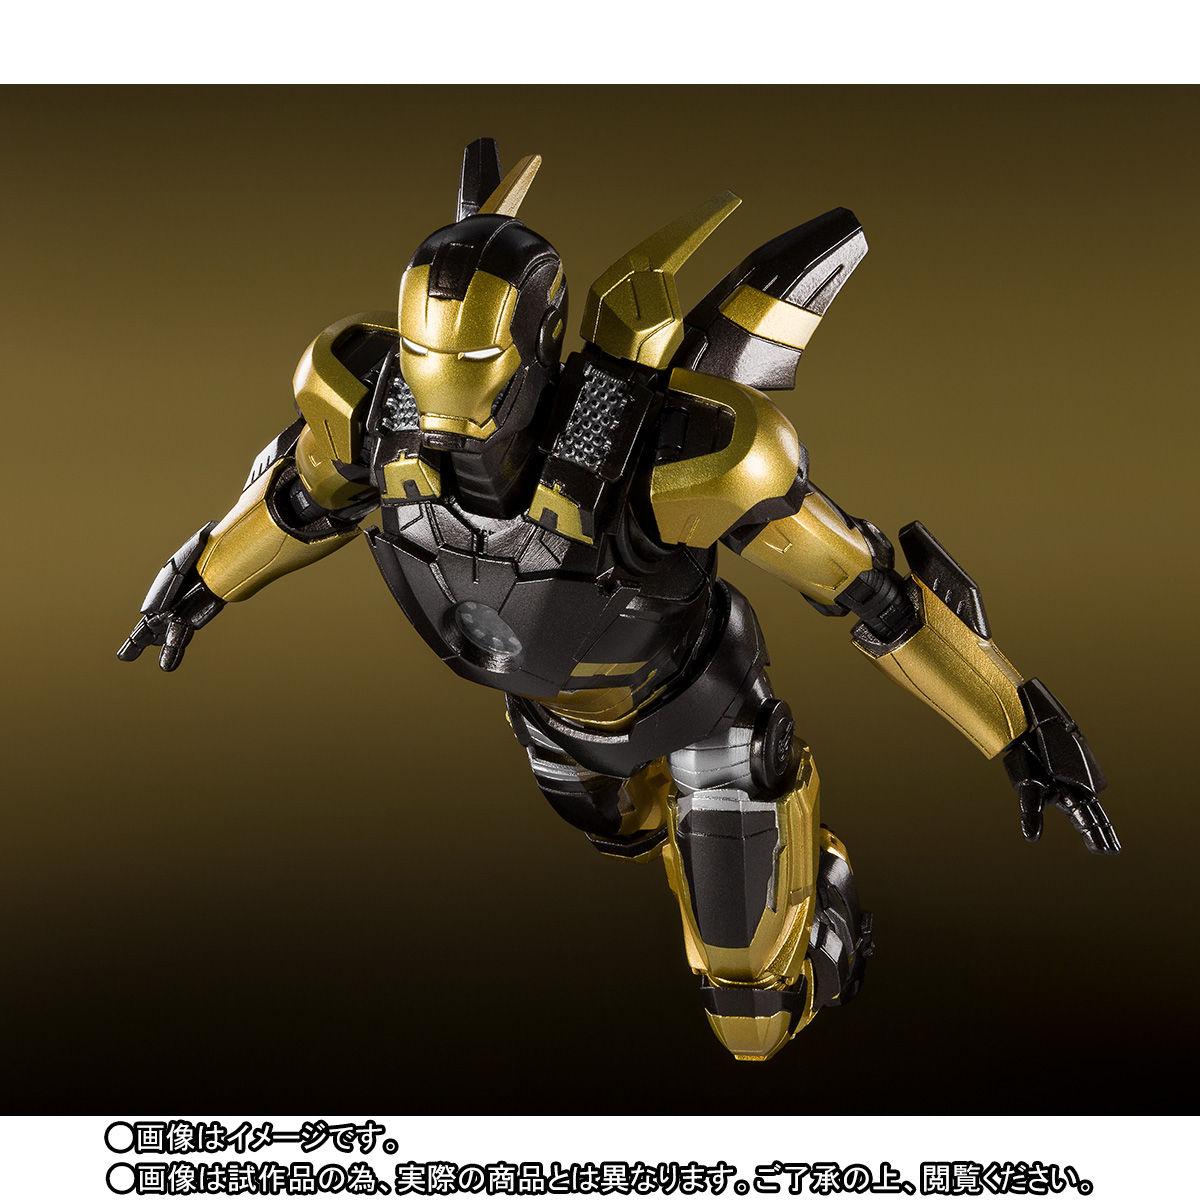 S.H.フィギュアーツ『アイアンマン マーク20 パイソン』アイアンマン3 可動フィギュア-005